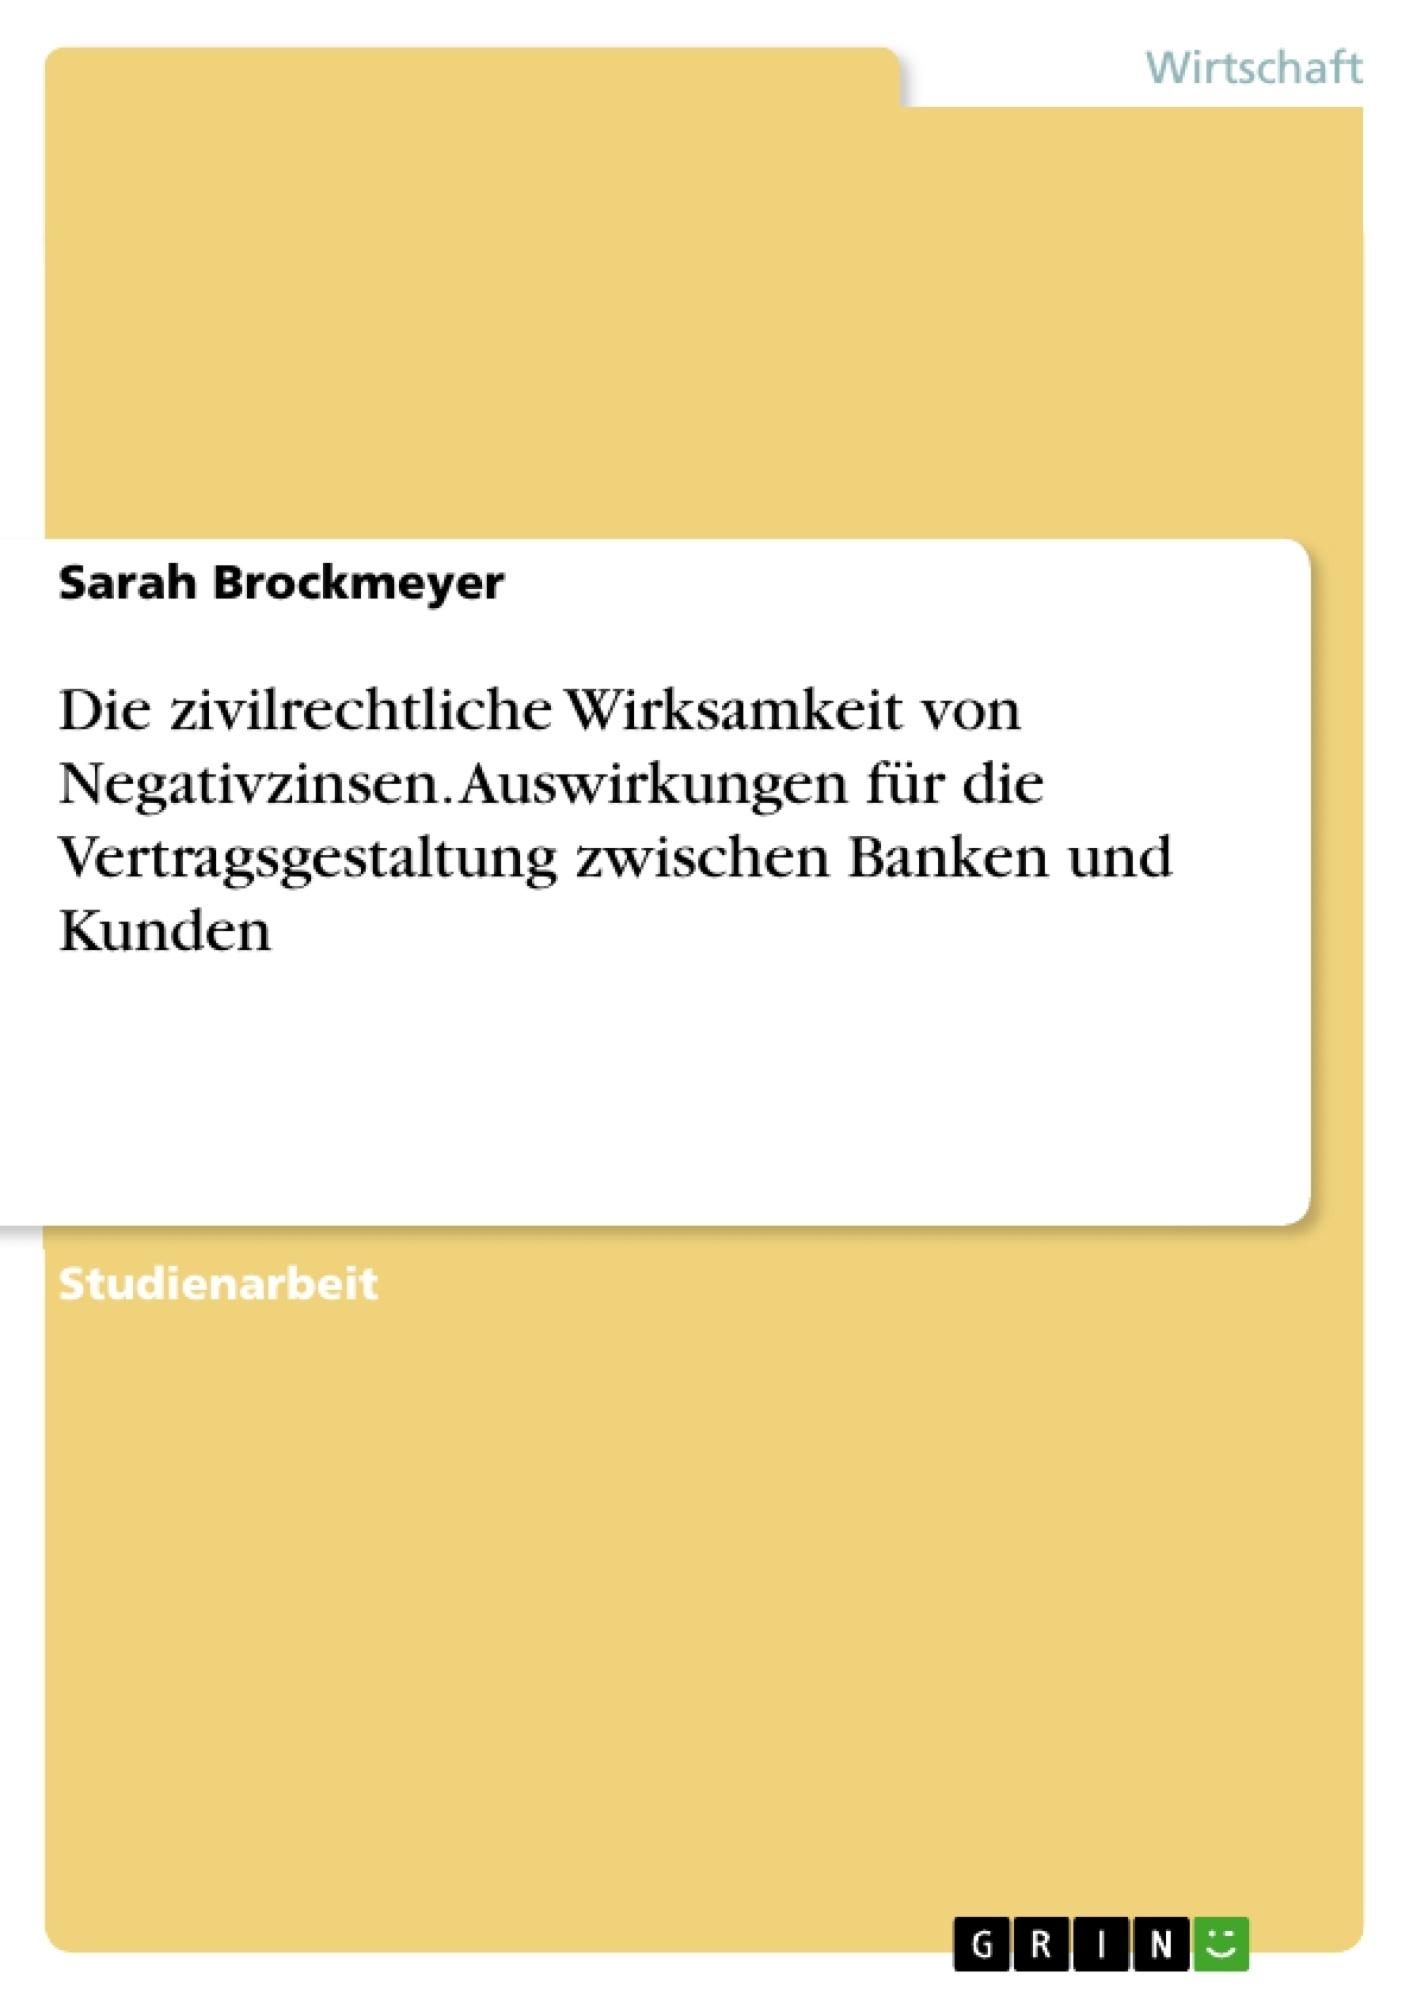 Titel: Die zivilrechtliche Wirksamkeit von Negativzinsen. Auswirkungen für die Vertragsgestaltung zwischen Banken und Kunden